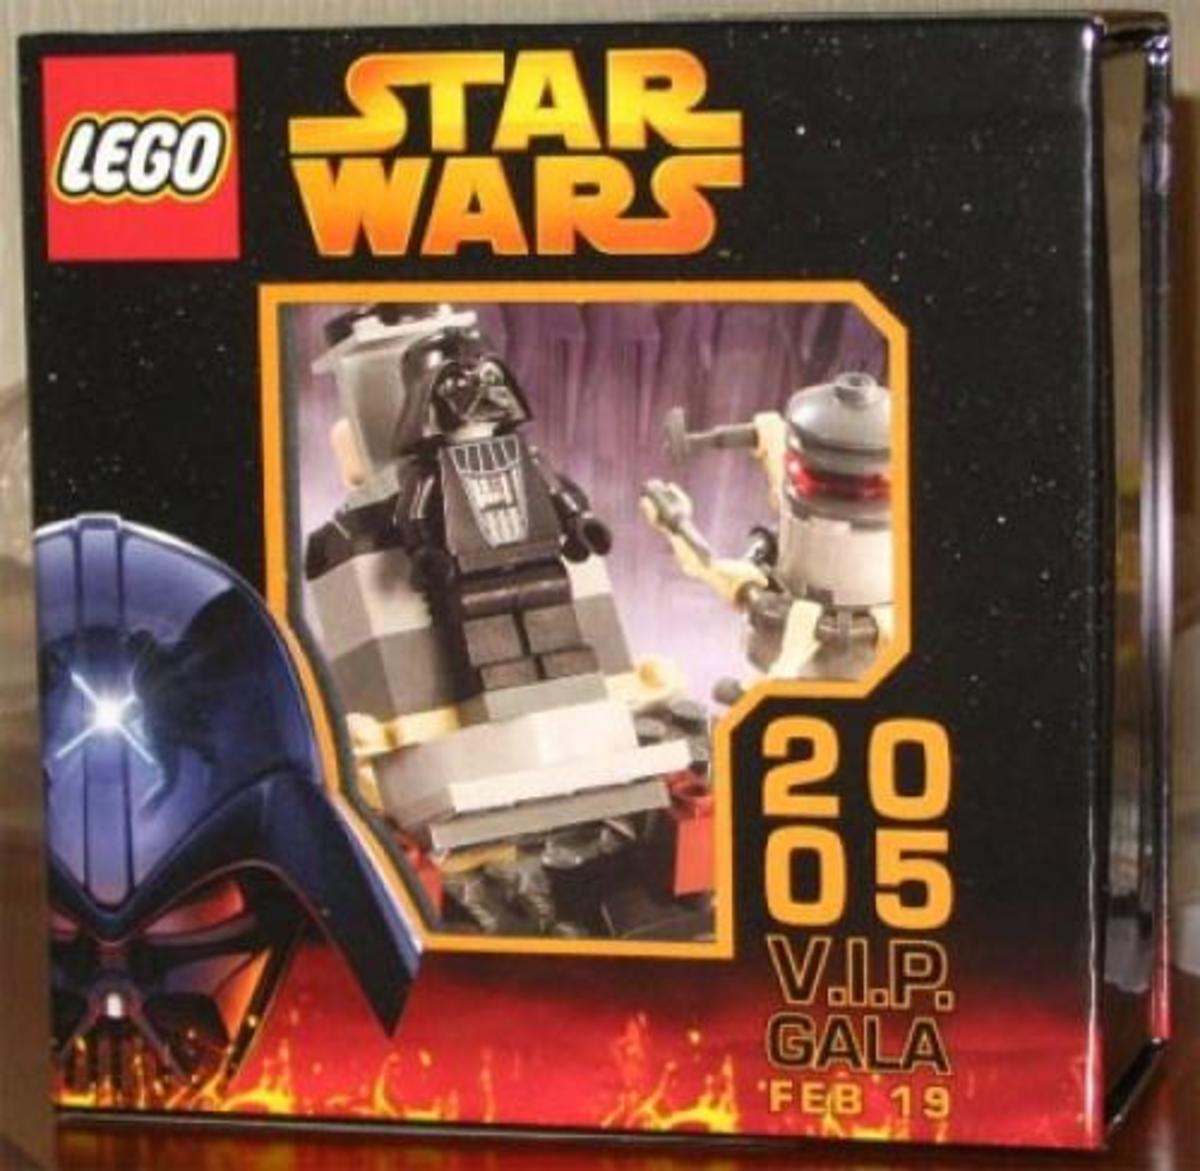 LEGO Star Wars V.I.P. Gala Set tf05 Box